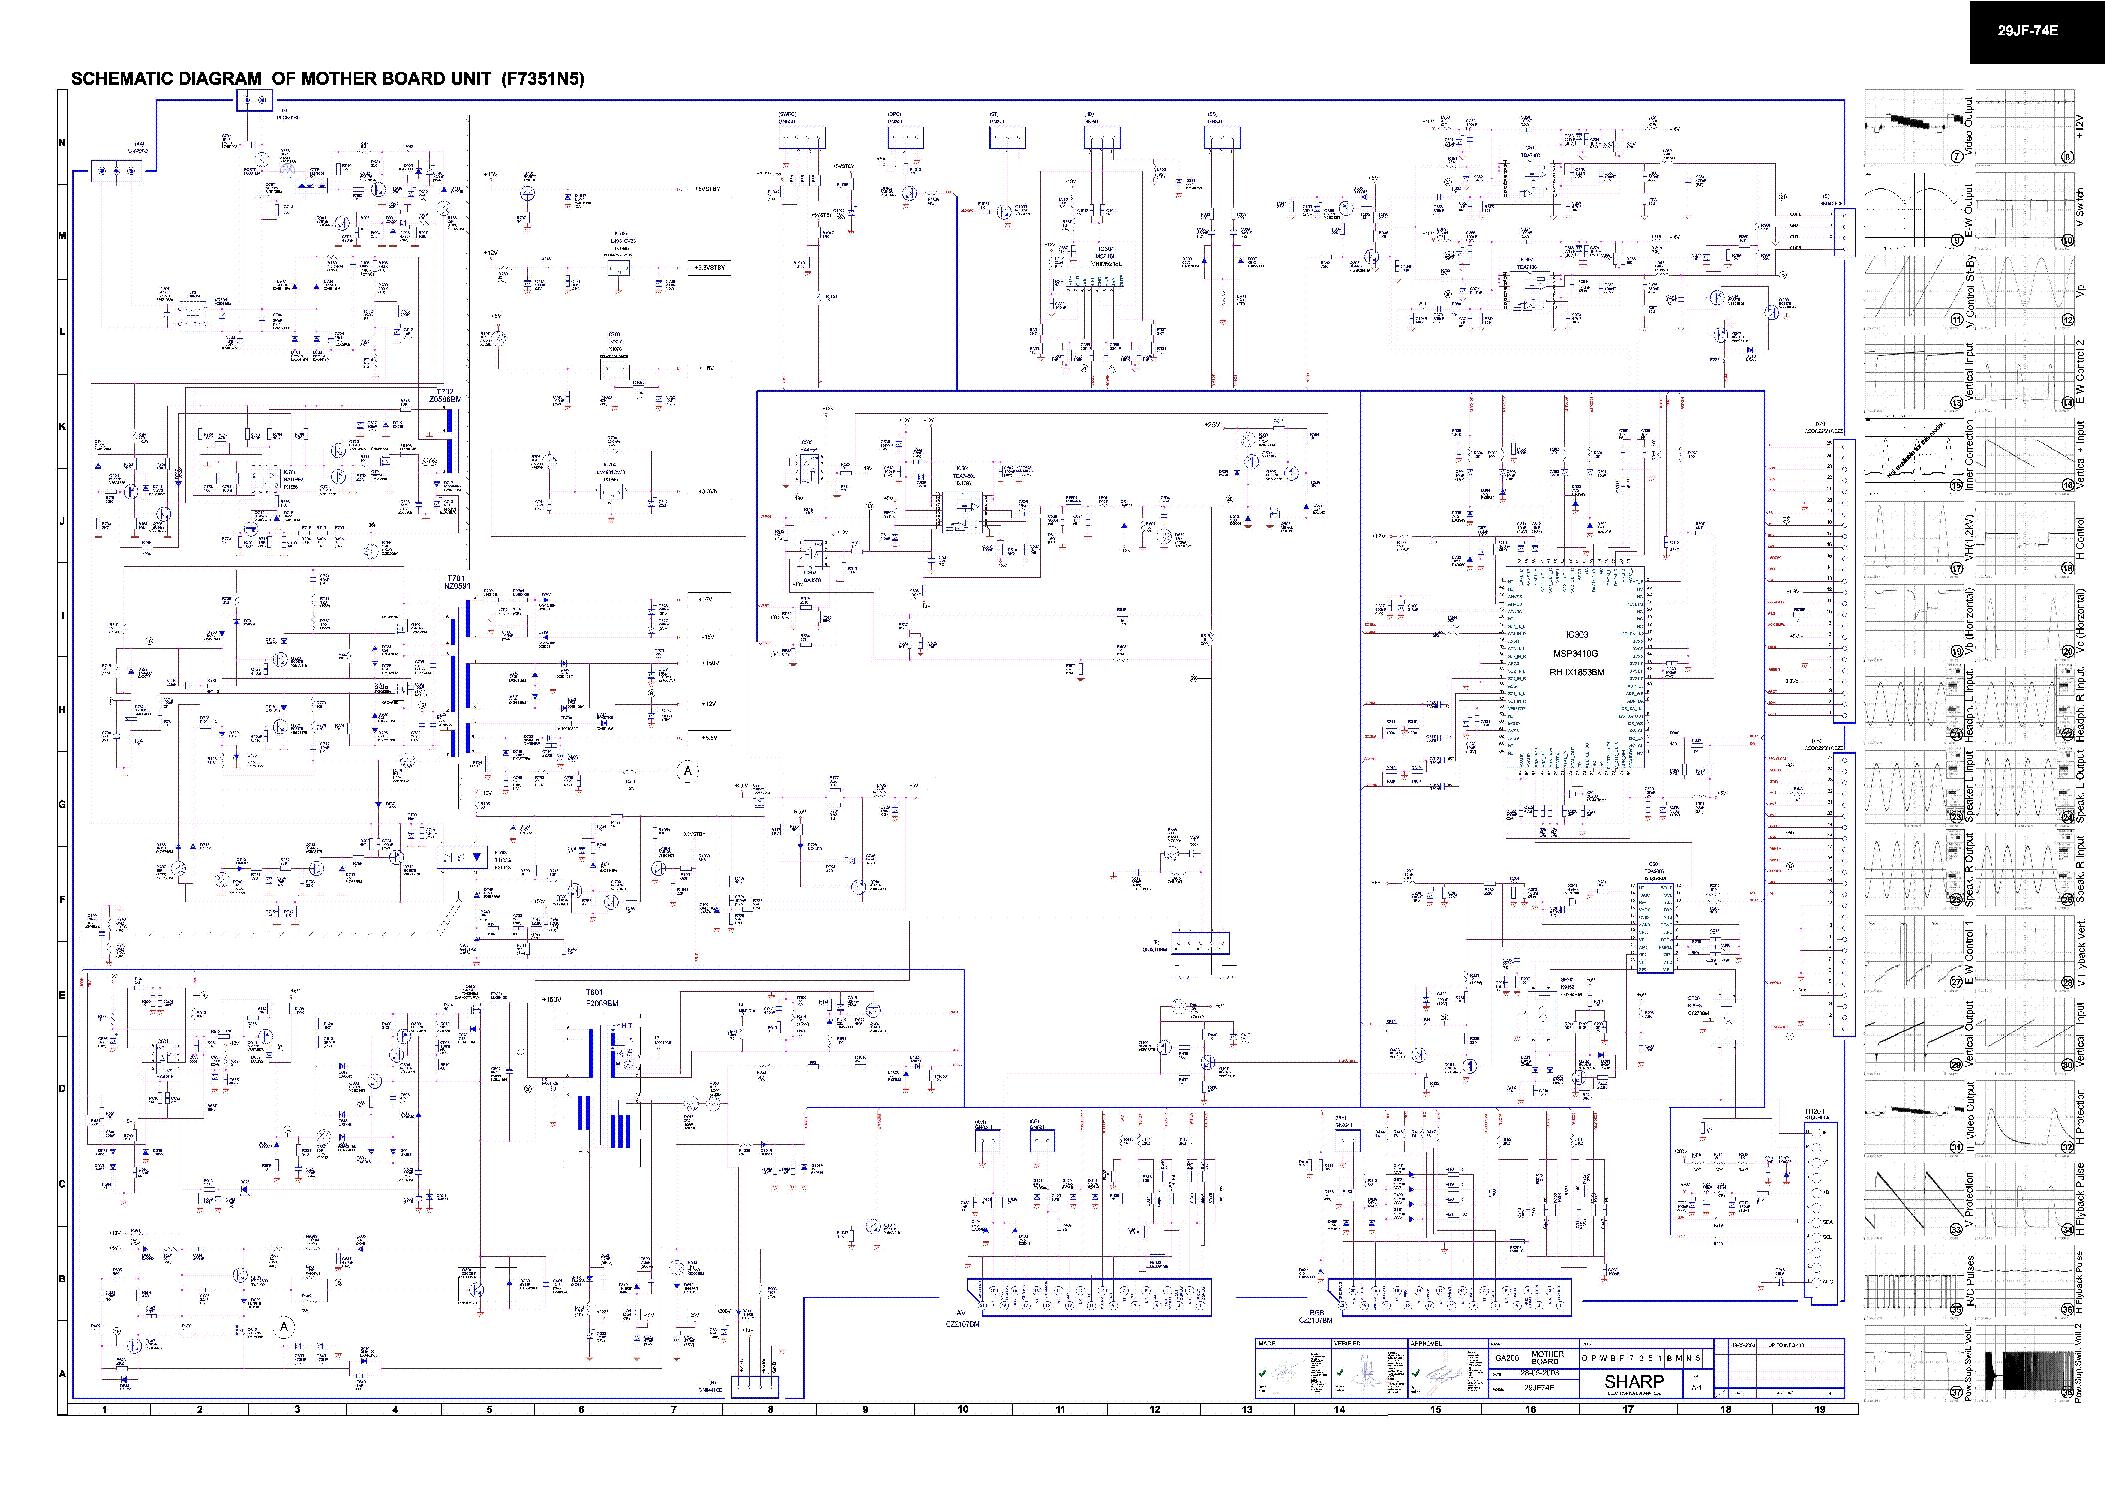 инструкция пользователя sharp cv-2131sc (bk)